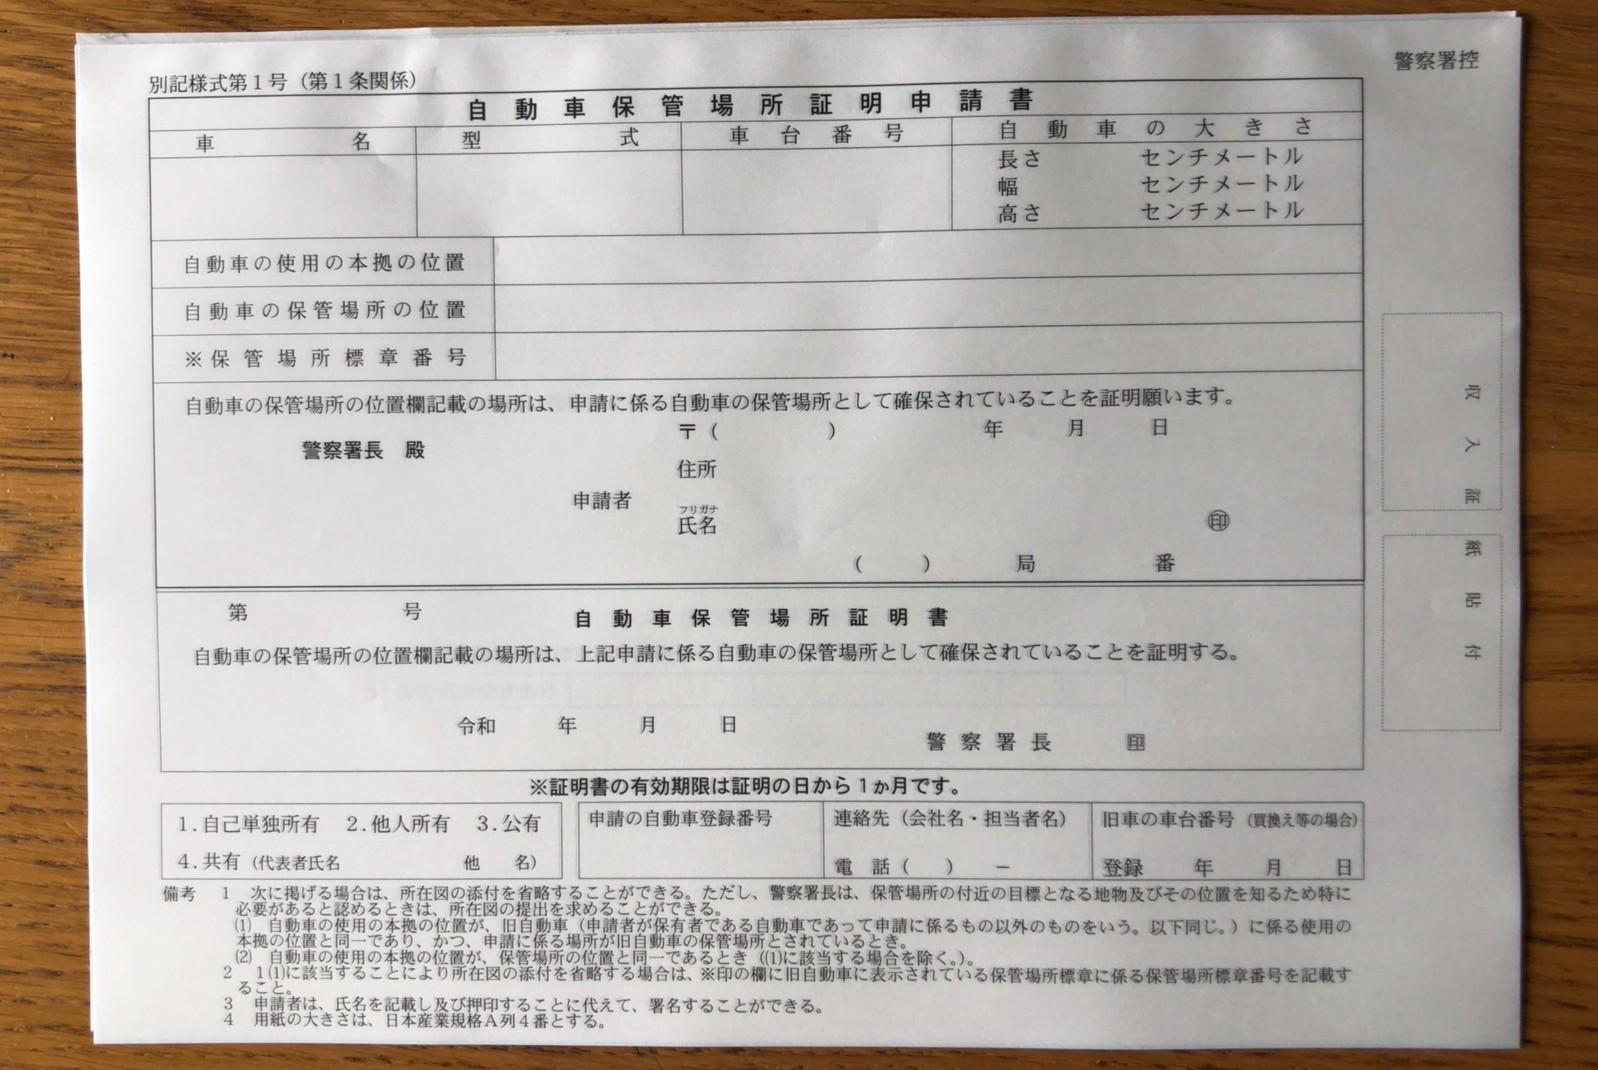 土日 車庫 証明 車庫証明の取り方とは? 必要書類から記入例まで解説